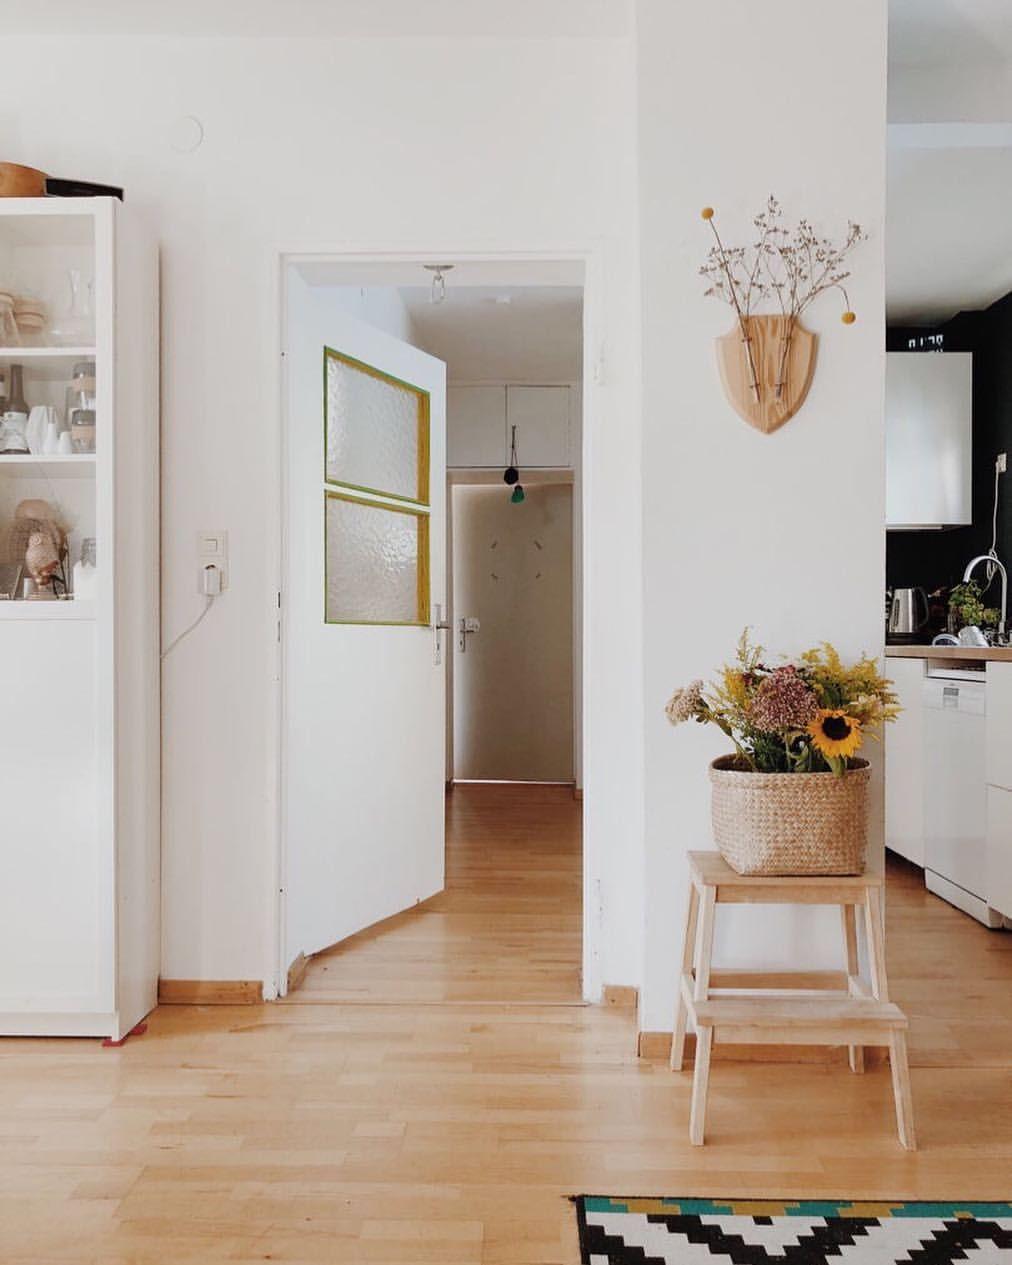 Full Size of Offene Kche Küche Selbst Zusammenstellen Betonoptik Singleküche Mit Kühlschrank Spüle Industrie Landhausküche Deckenleuchten Insel Kinder Spielküche Wohnzimmer Offene Küche Ikea